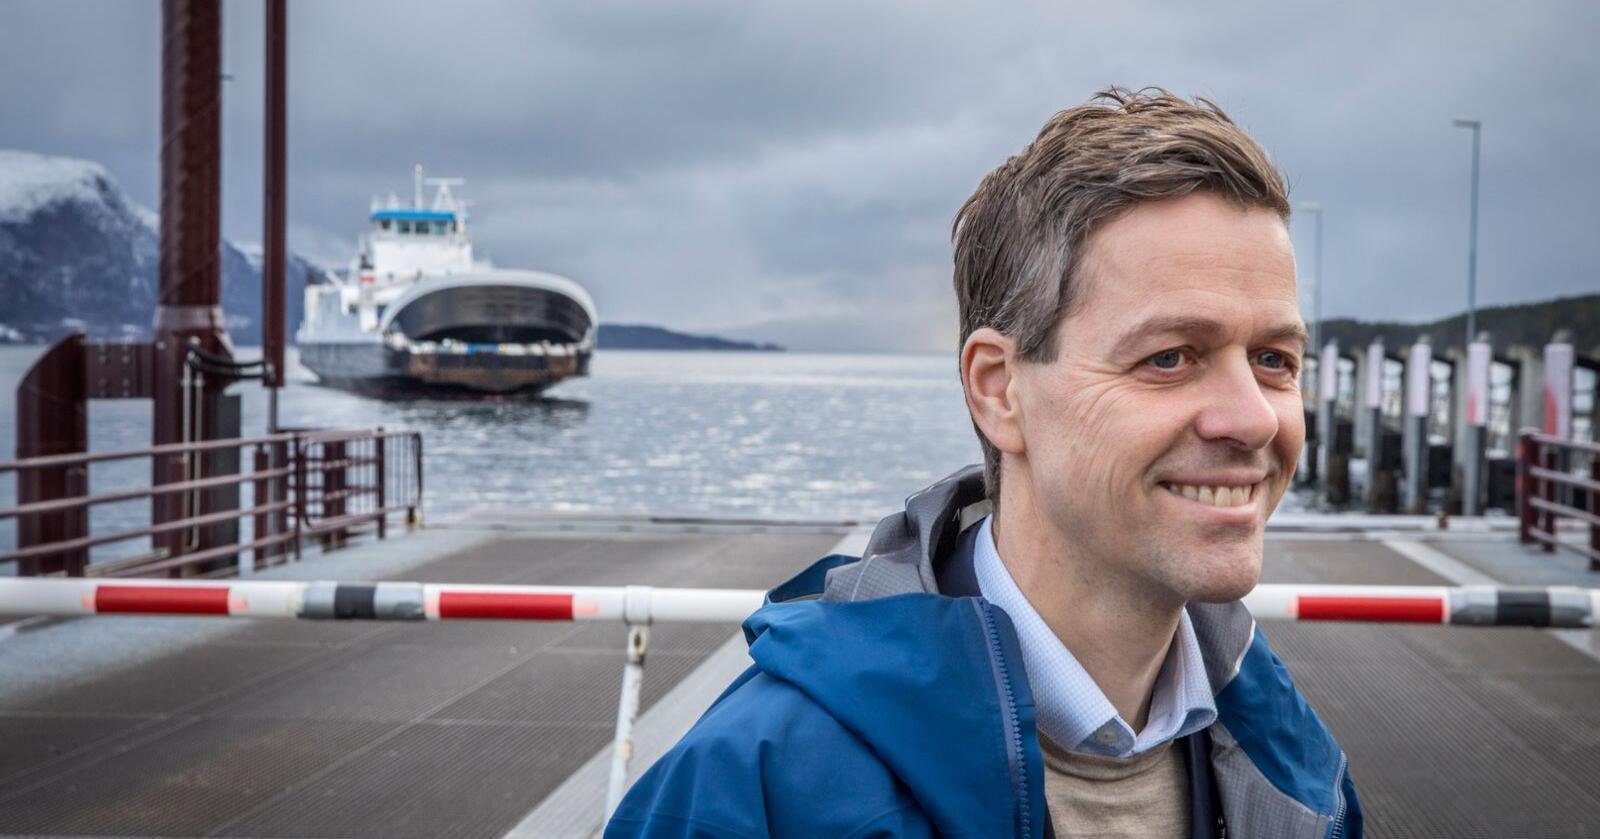 Samferdselsminister Knut Arild Hareide (KrF) er bekymret for konsekvensene av Widerøes rutekutt. Foto: Ole Berg-Rusten / NTB scanpix